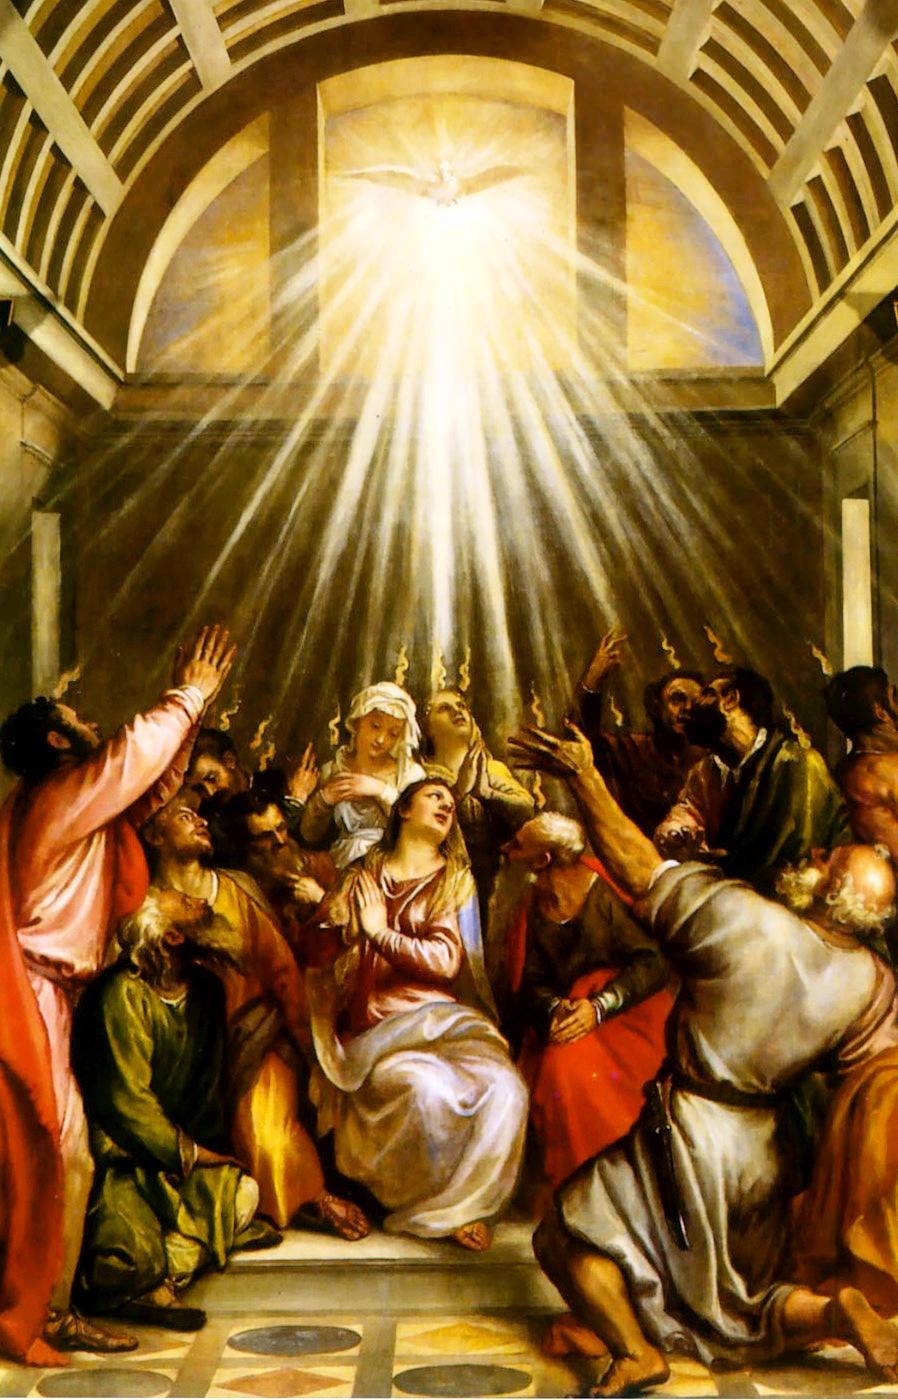 天主慈悲的花果‧Jezu Ufam Tobie: 偕同聖母求聖神